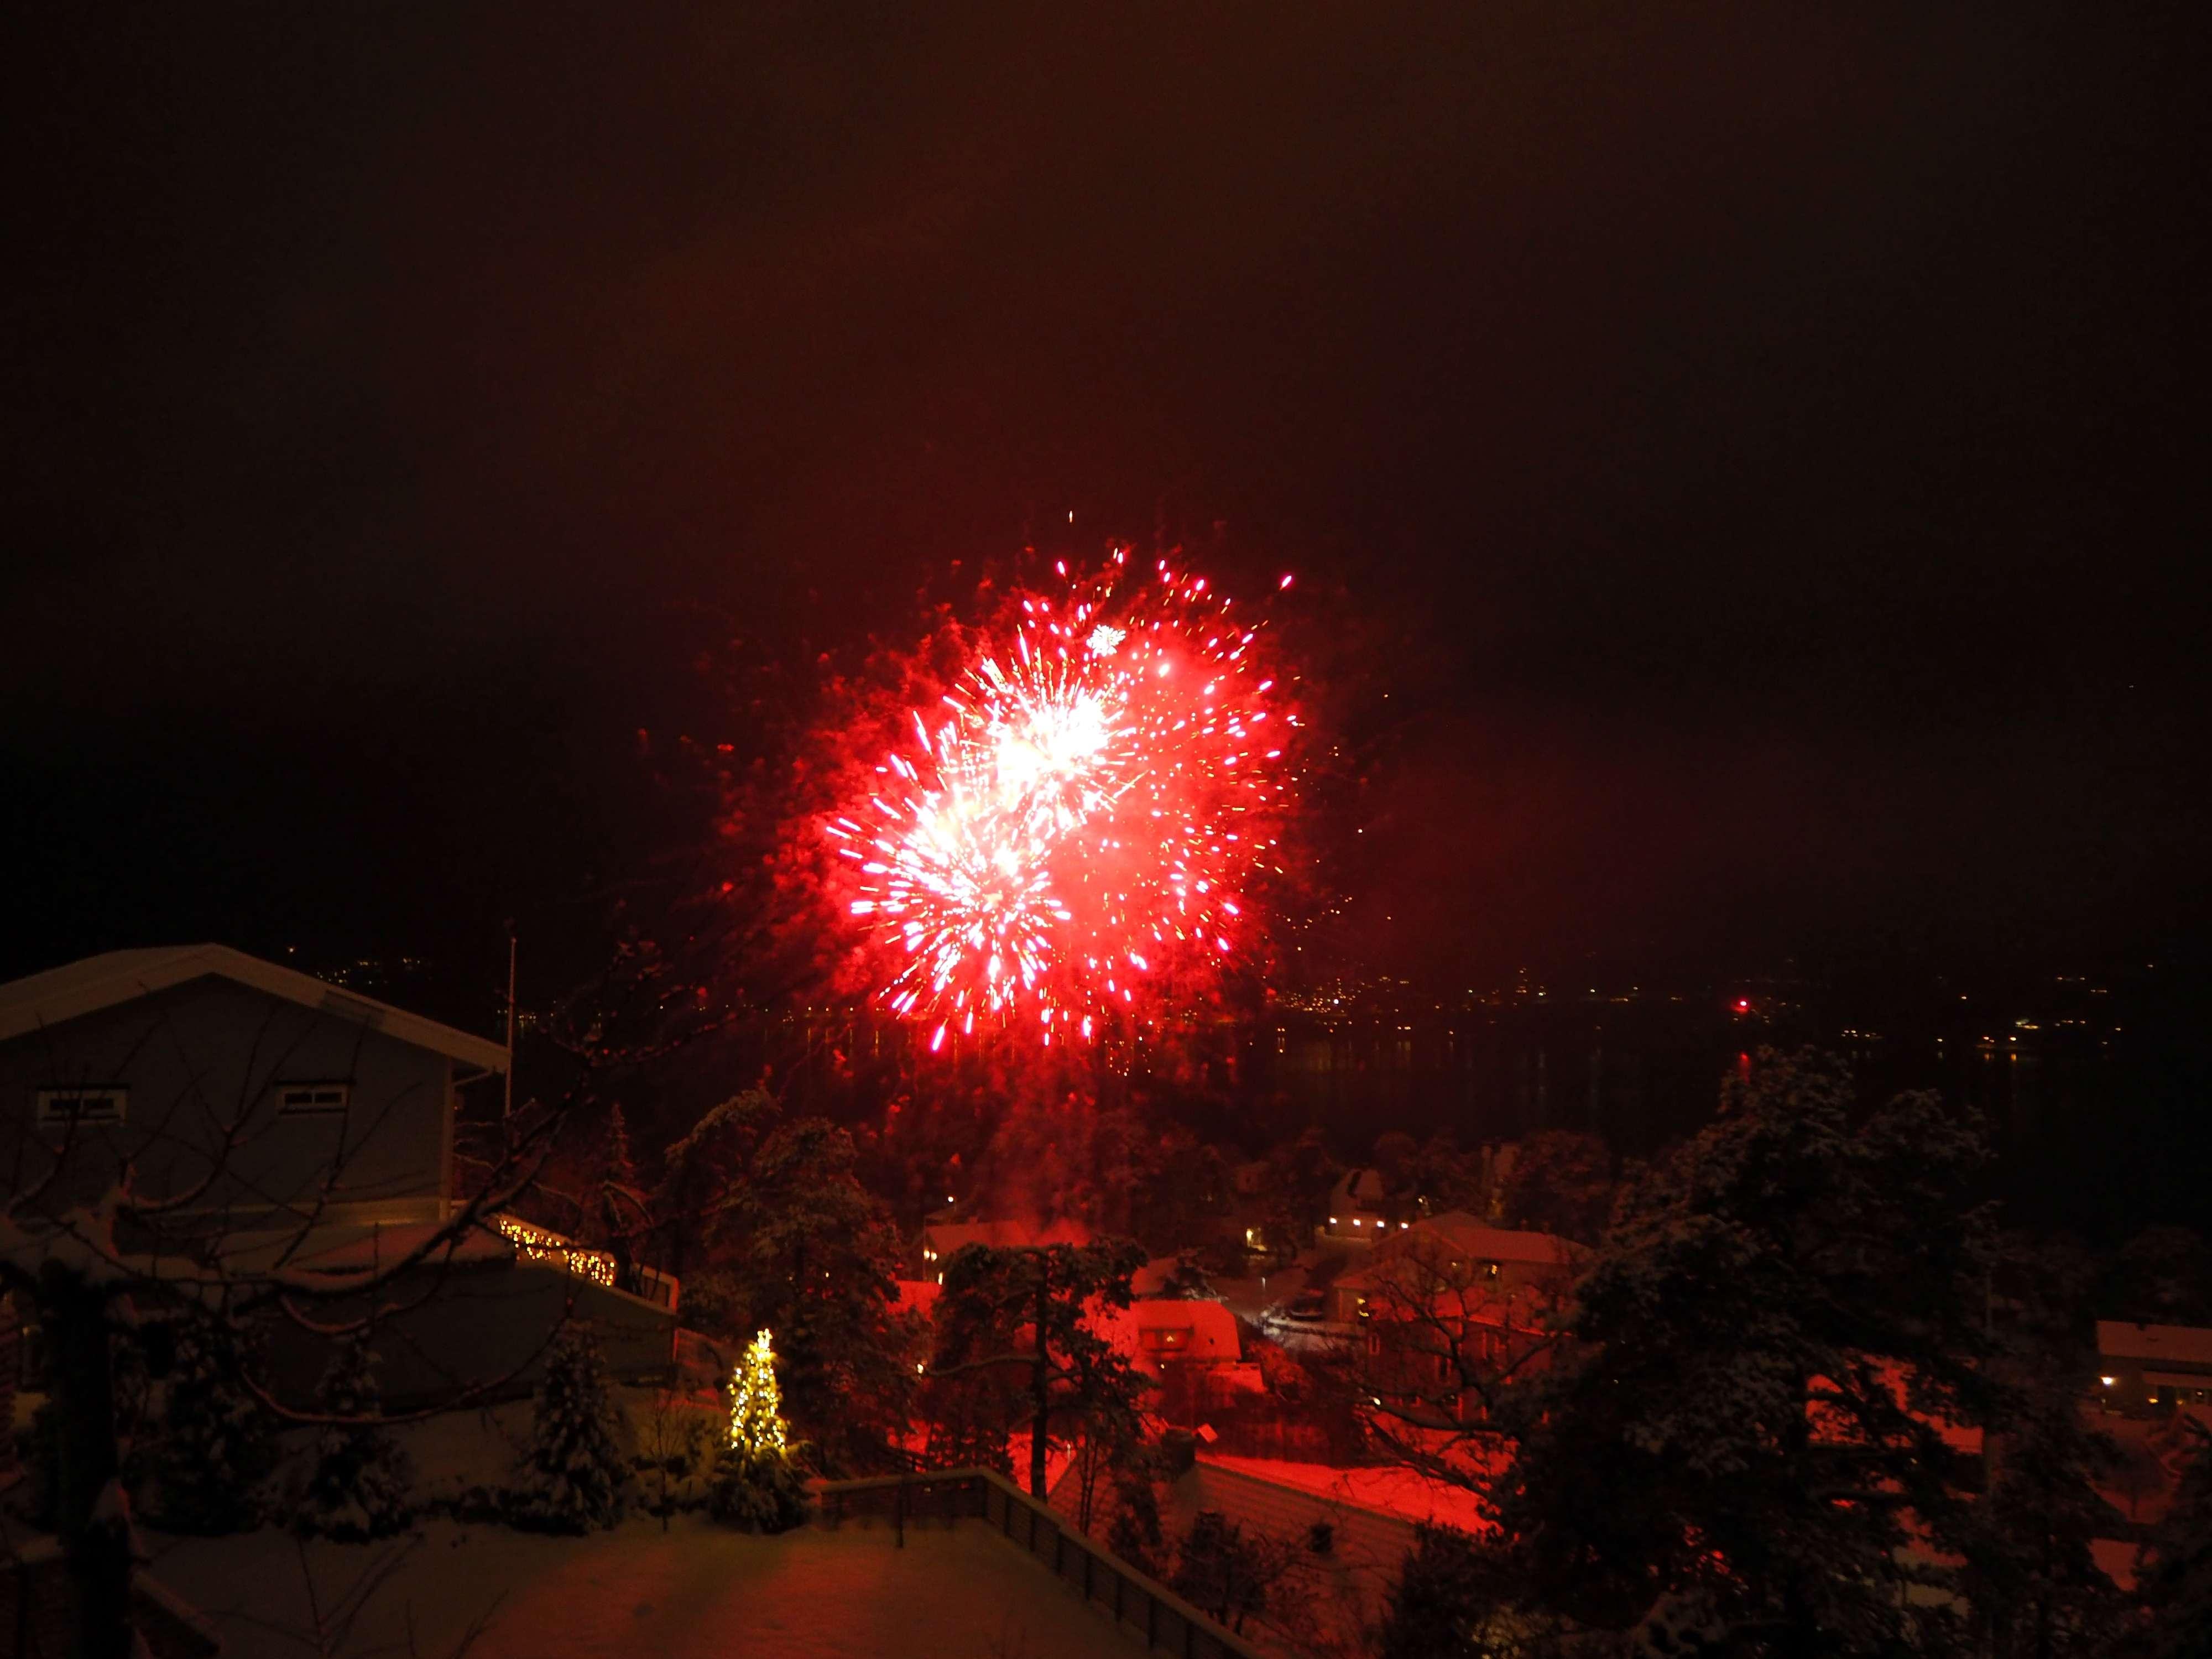 Fireworks on NYE 2018